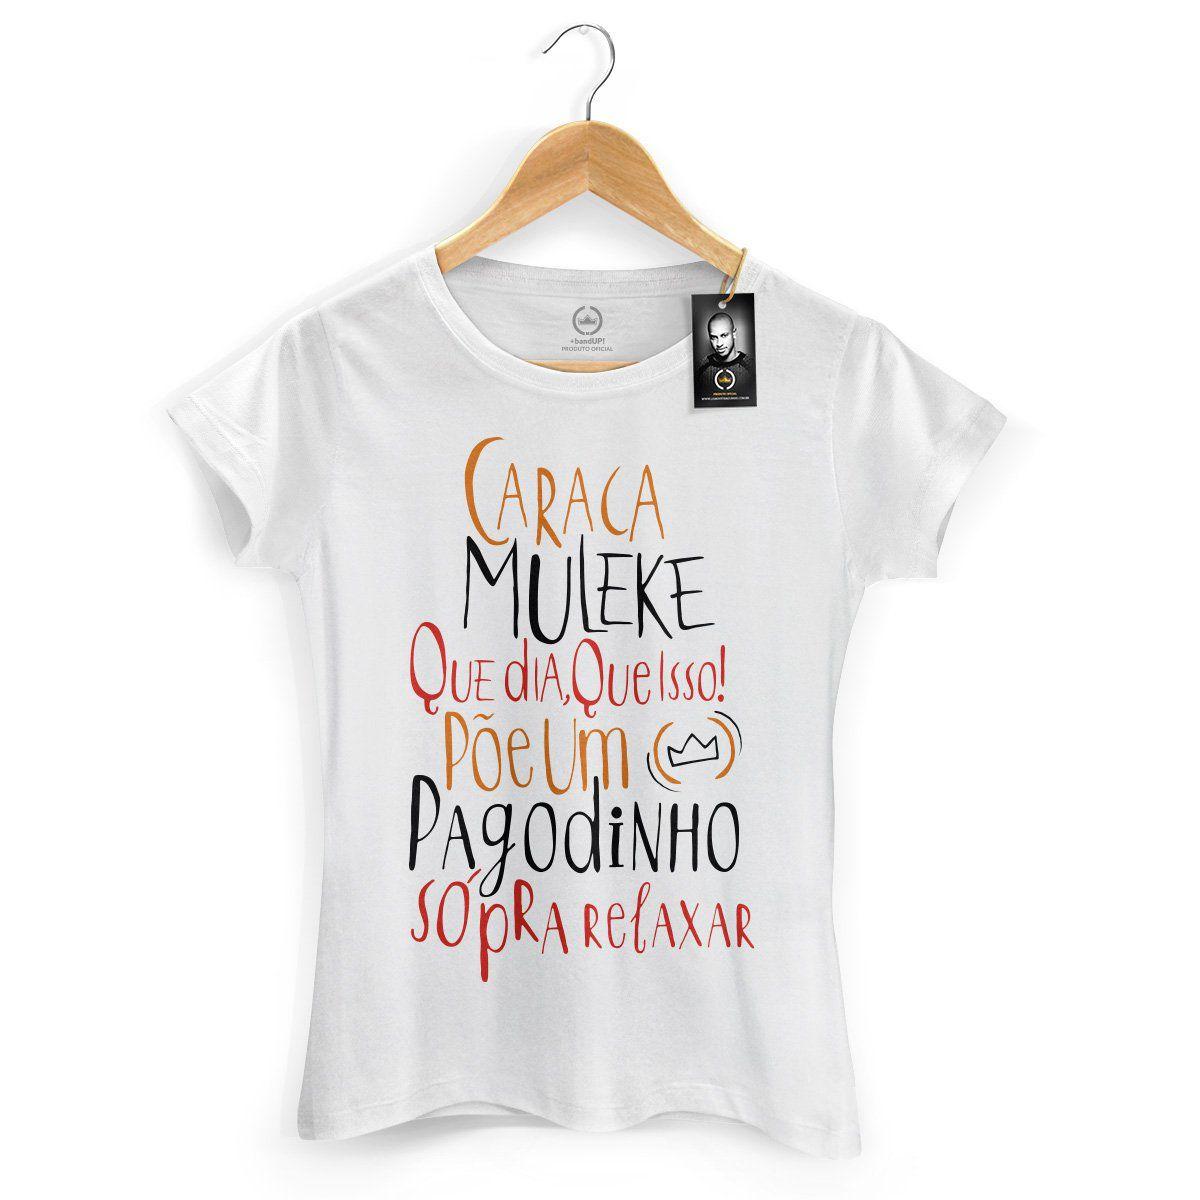 Camiseta Feminina Thiaguinho Que Dia, Que Isso!  - bandUP Store Marketplace